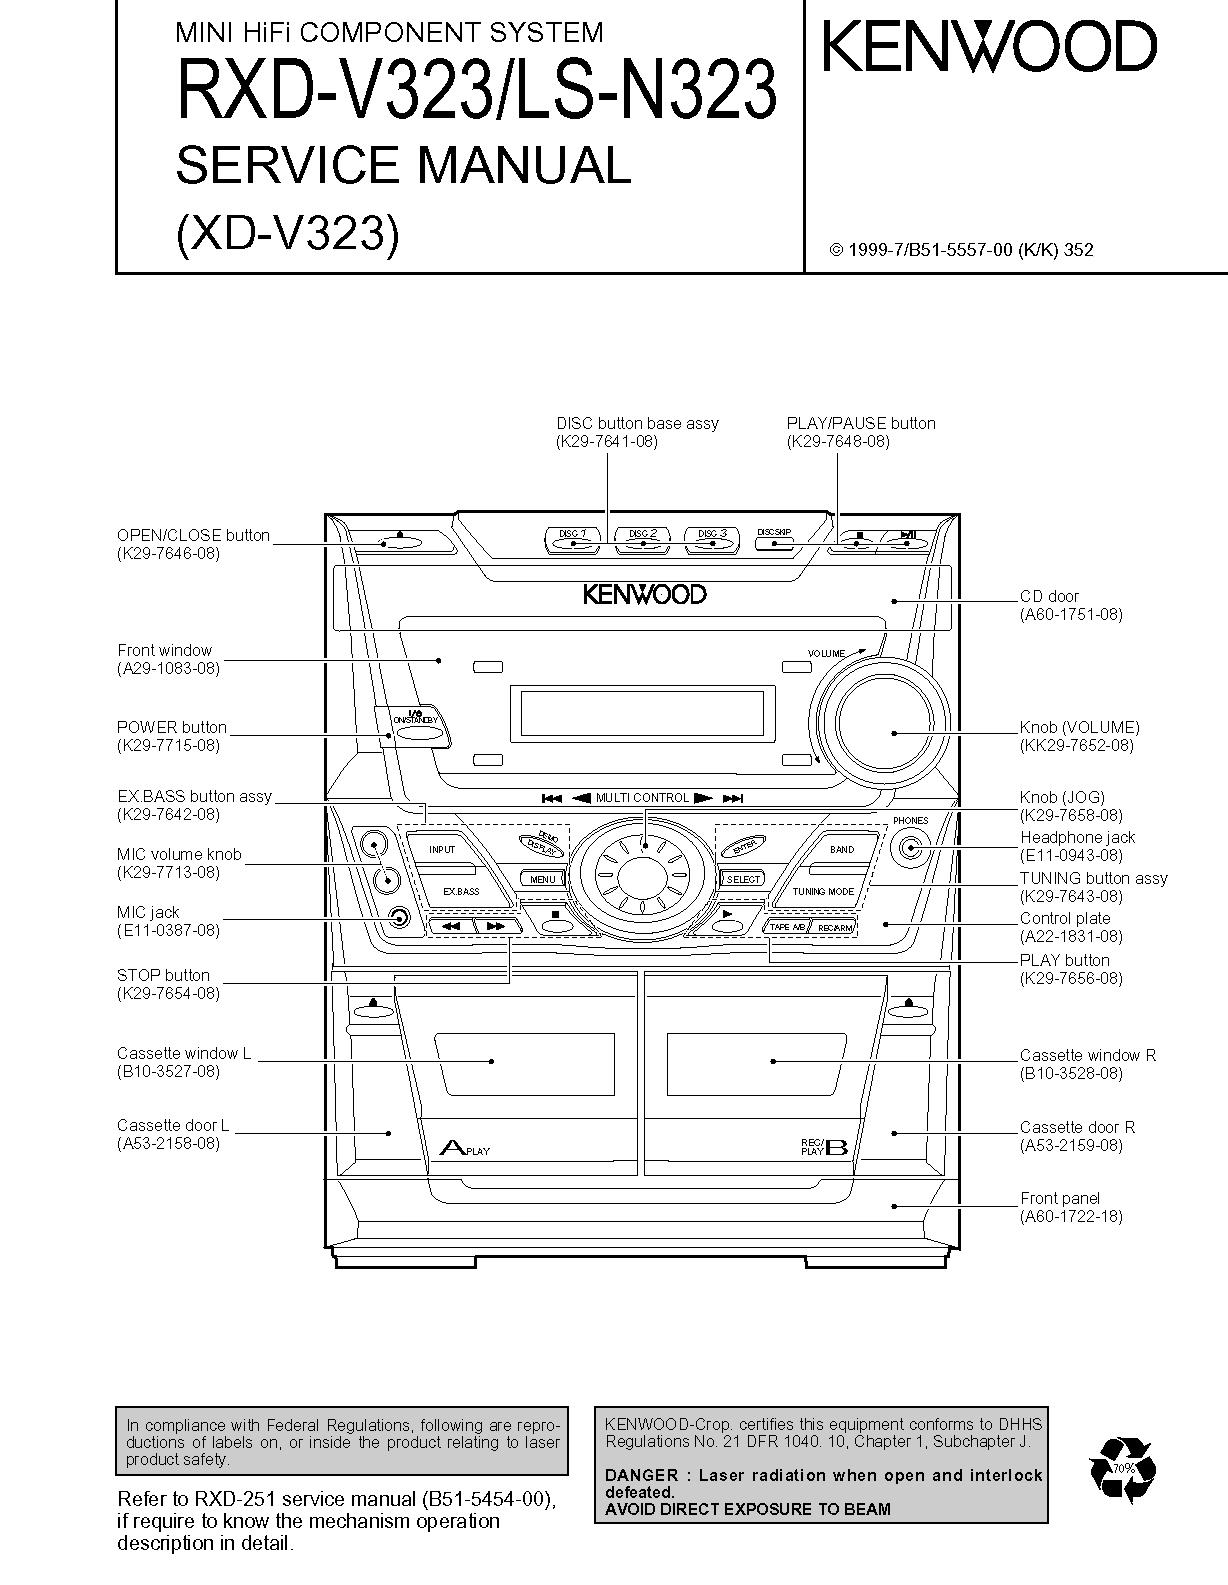 Kenwood XD-V323 Image